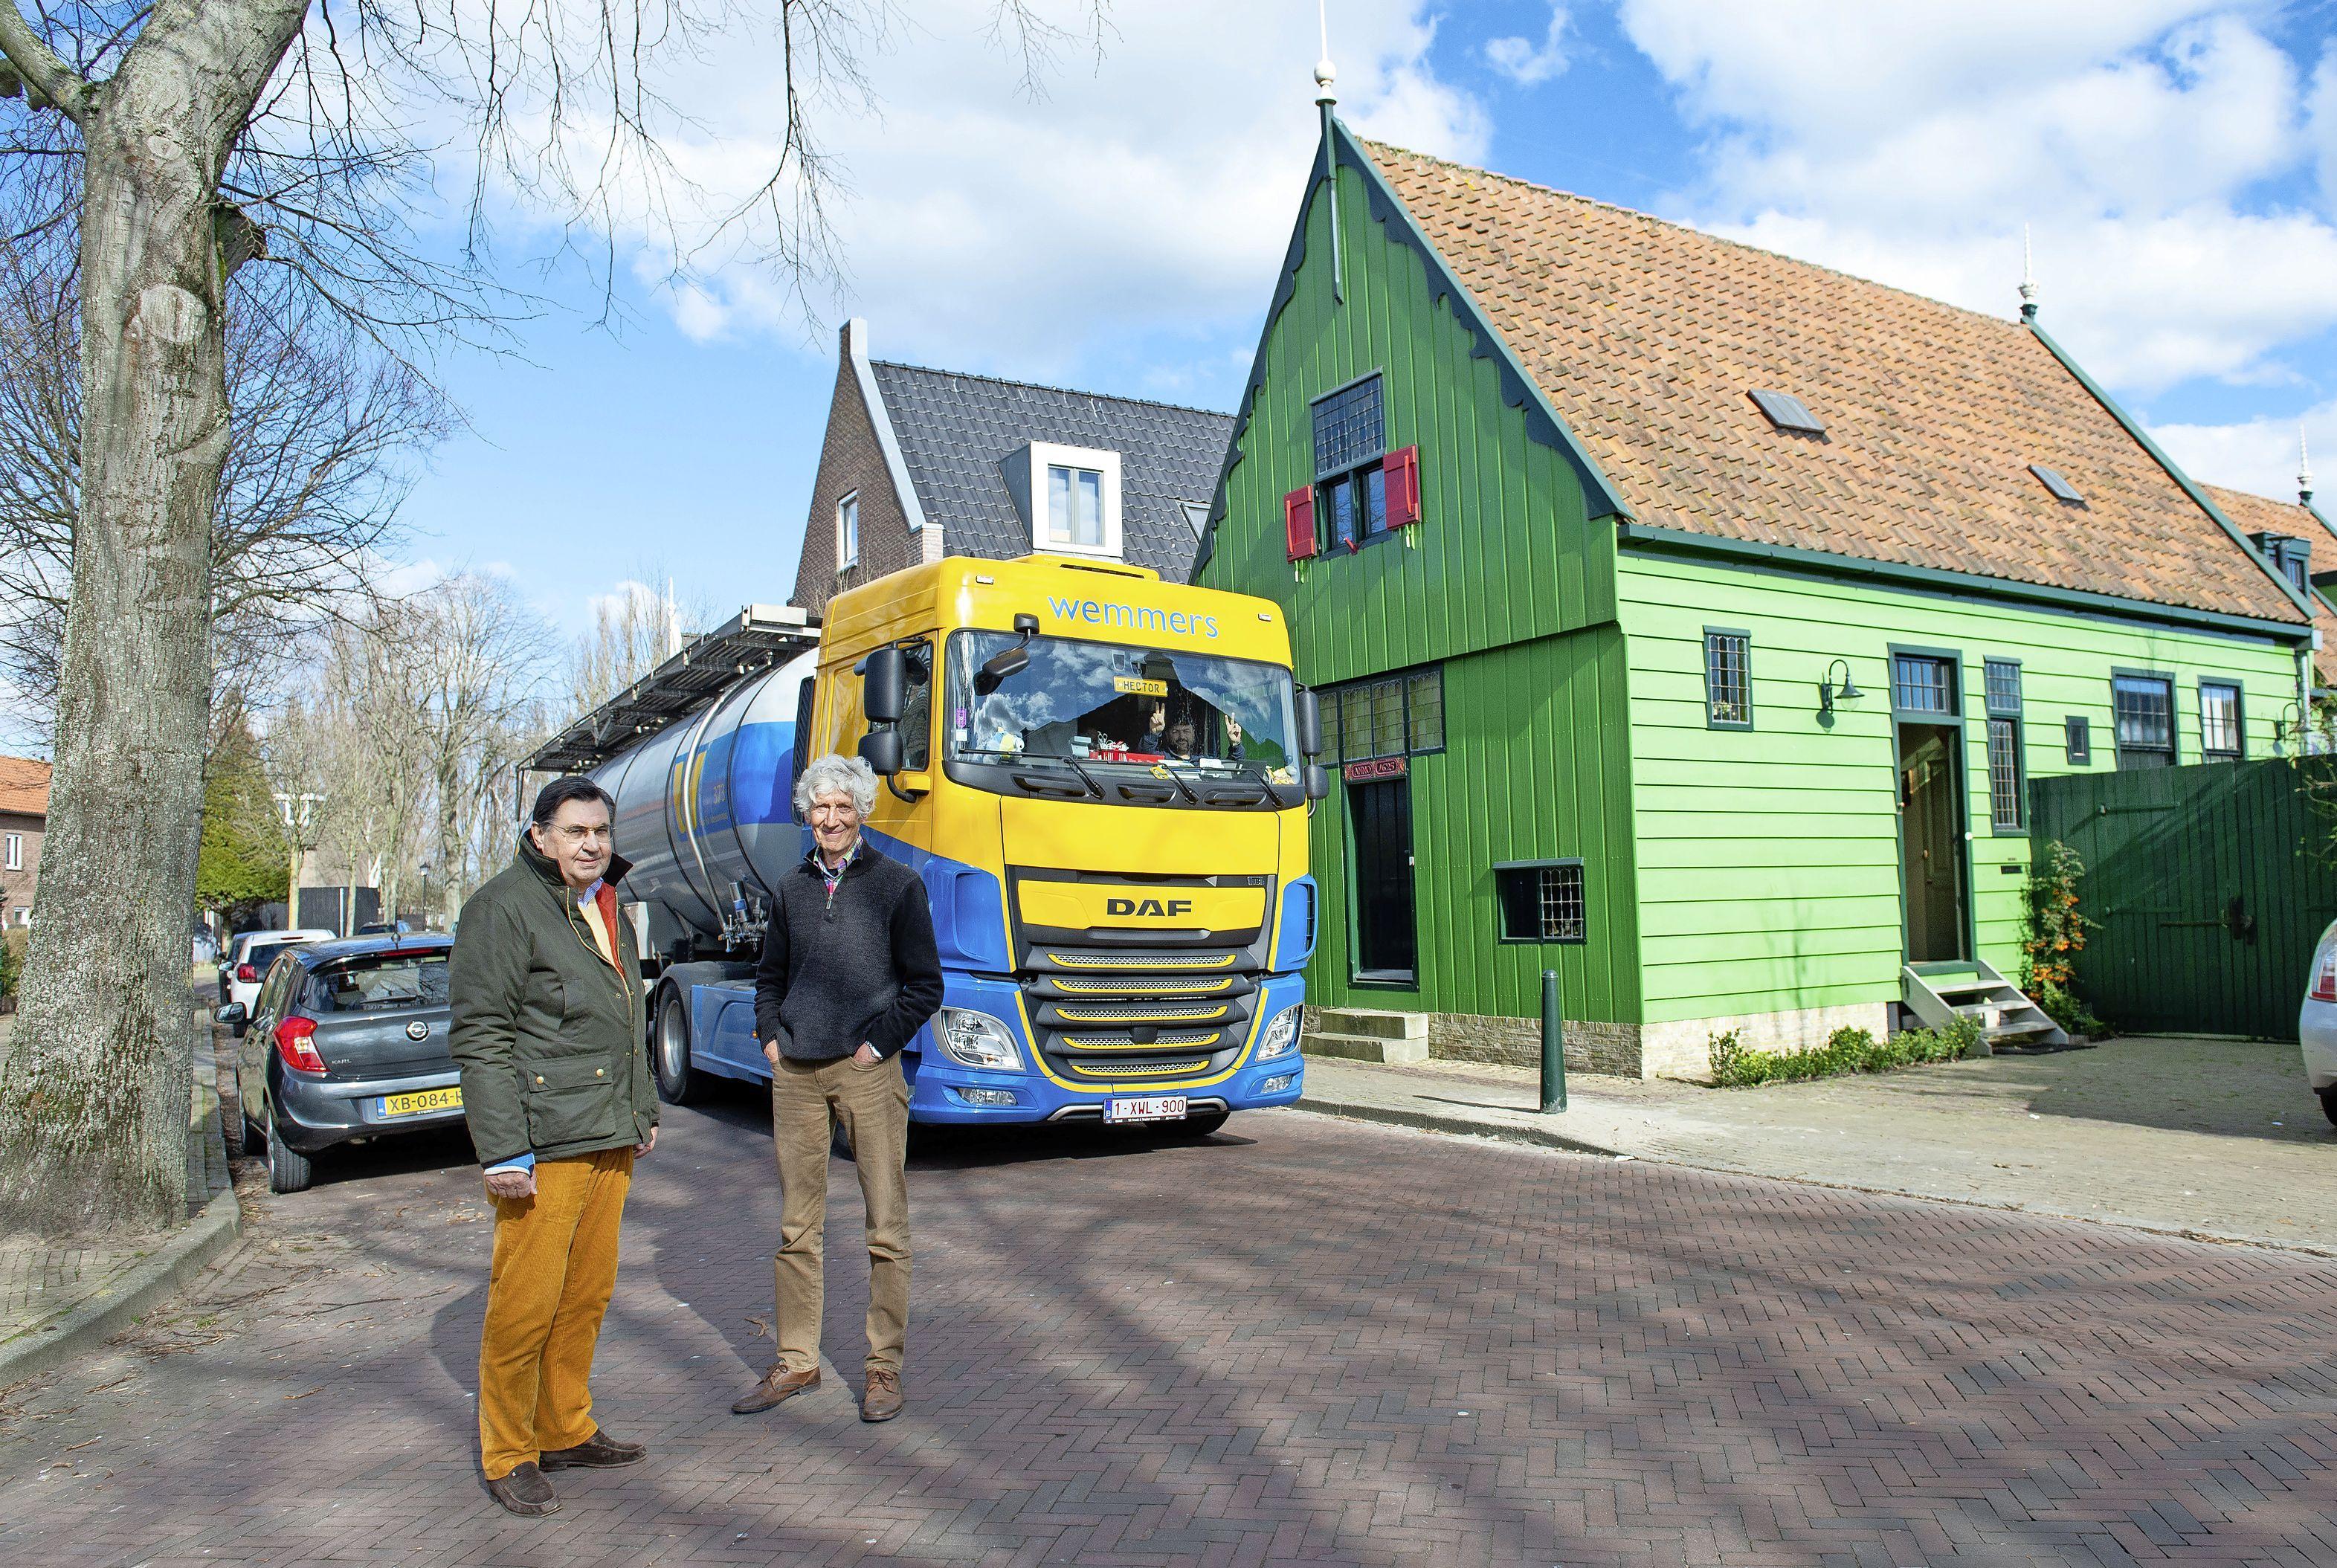 Bewoners Zaandijk fel gekant tegen meer vrachtwagens over de Lagedijk. Producent AAK wil piekmomenten juist voorkomen